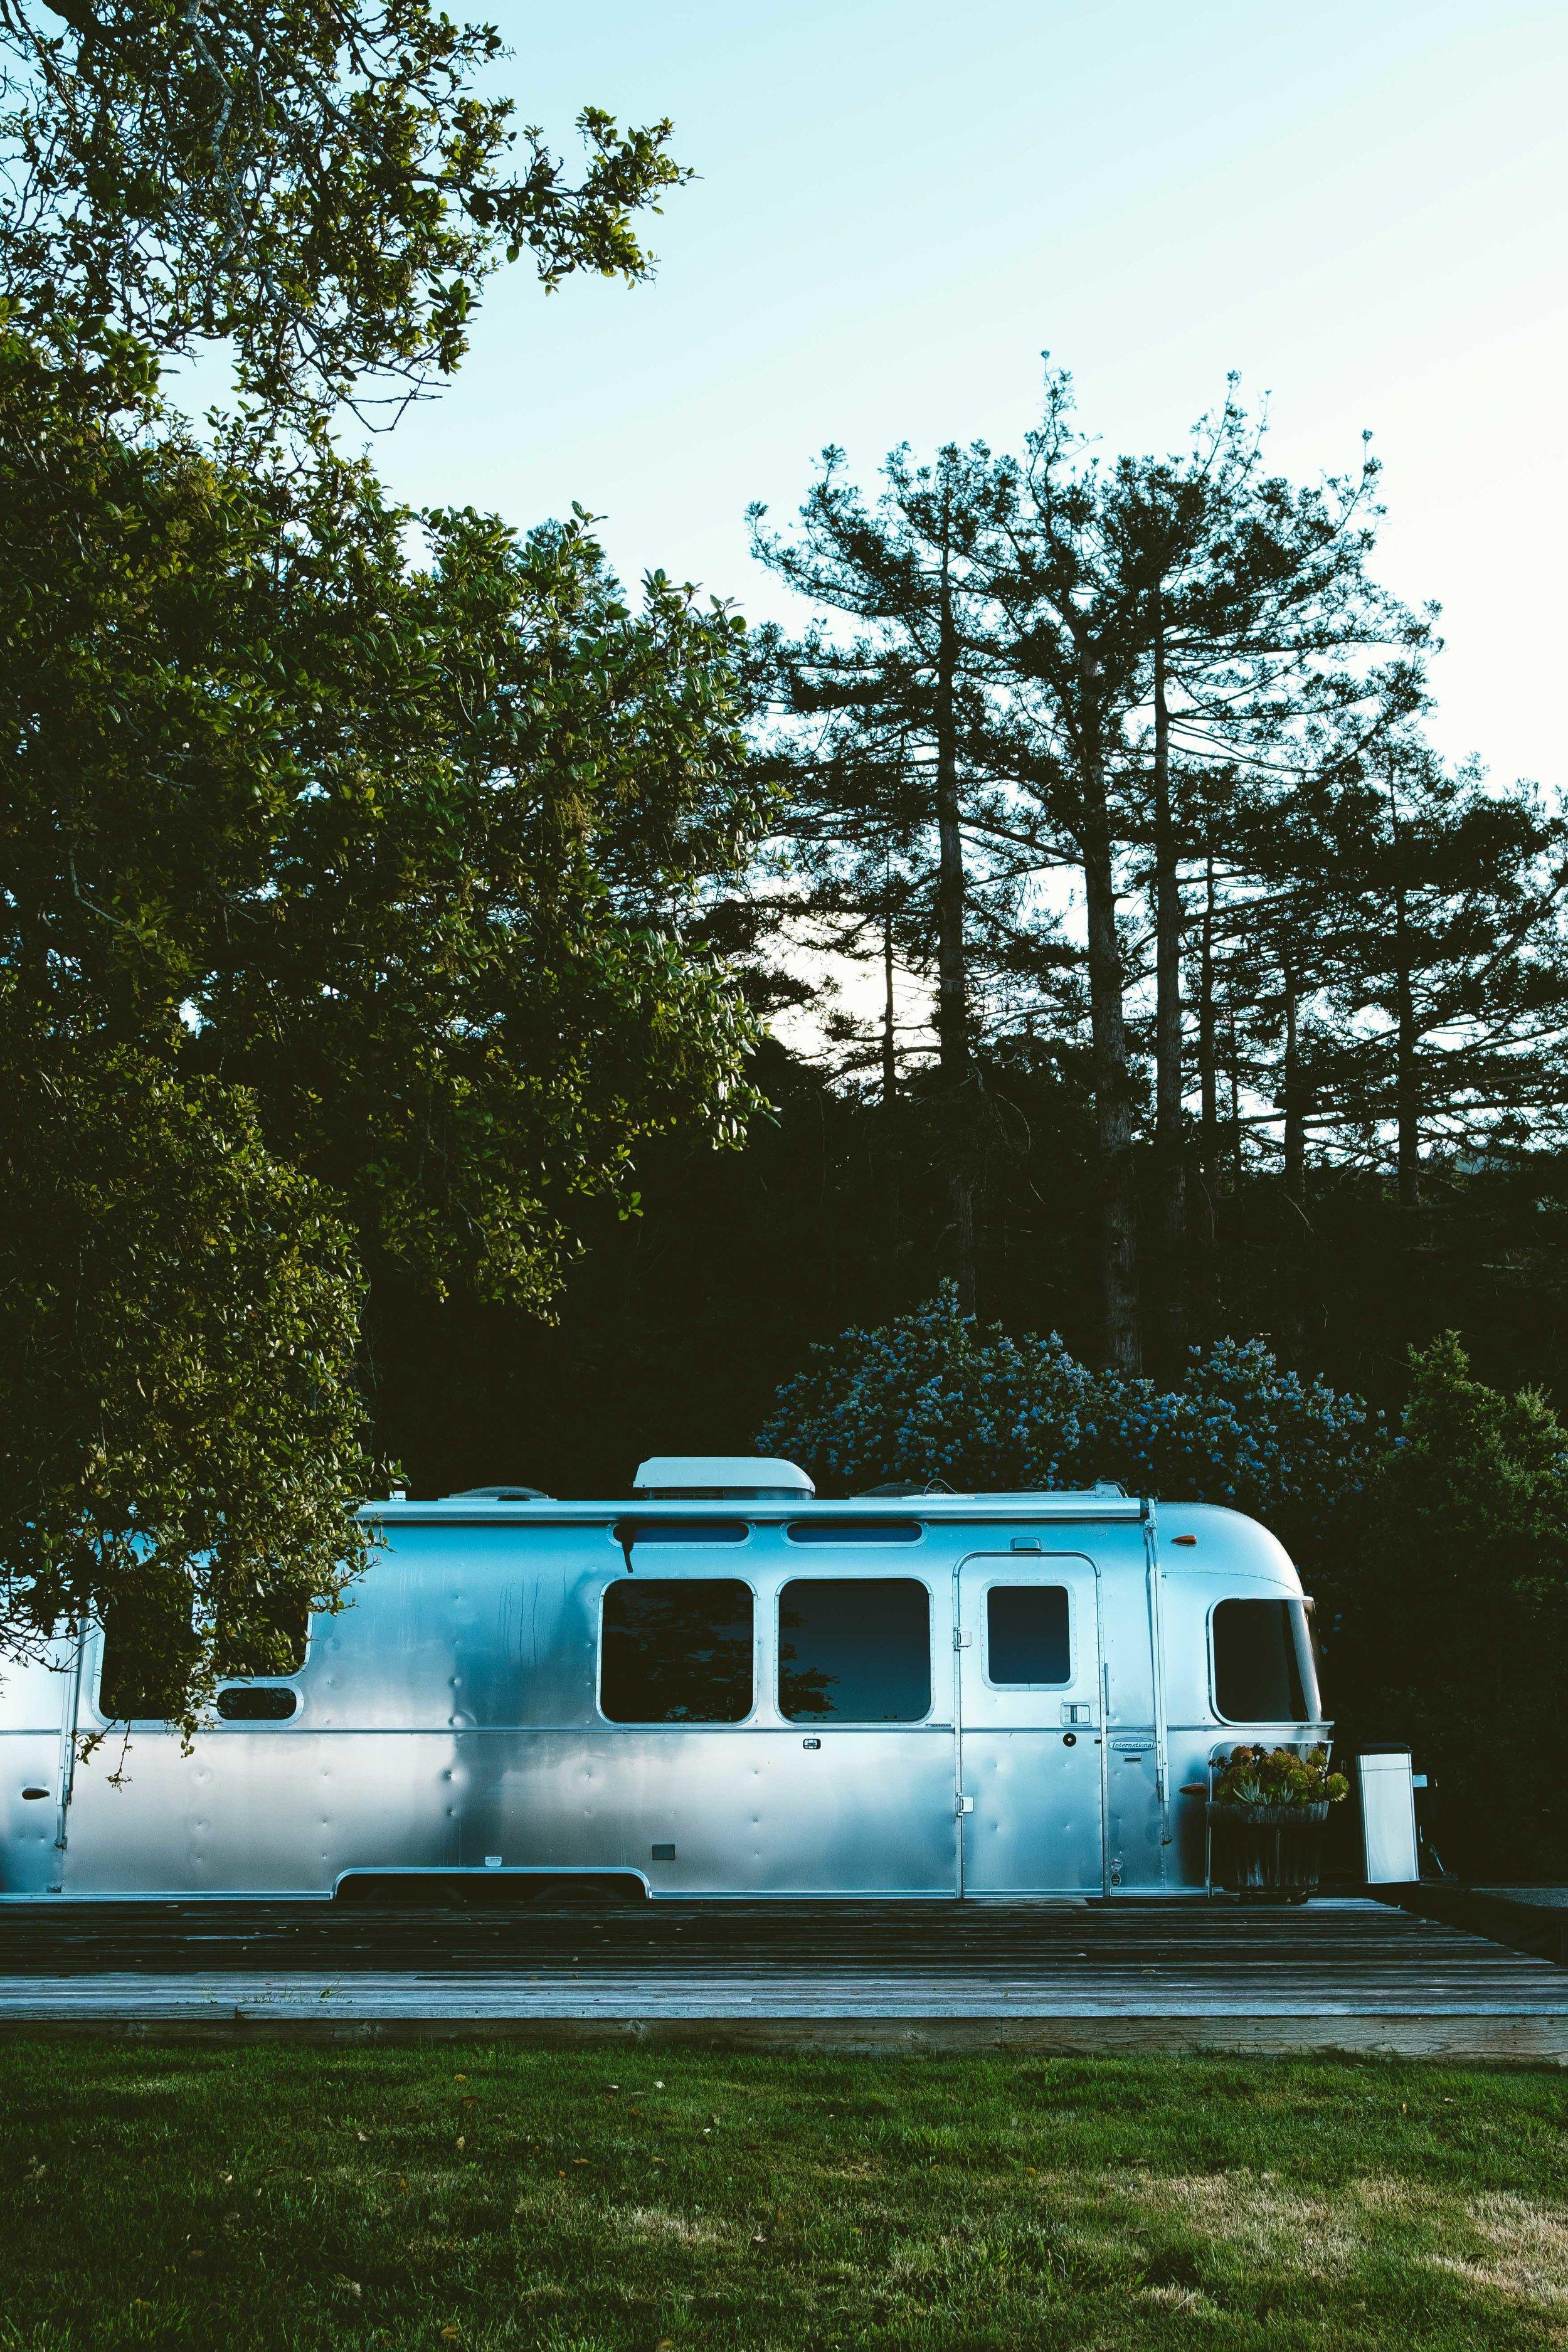 Cookwilltravel - Huckberry - Big Sur > Los Angeles - DSCF7019.jpg